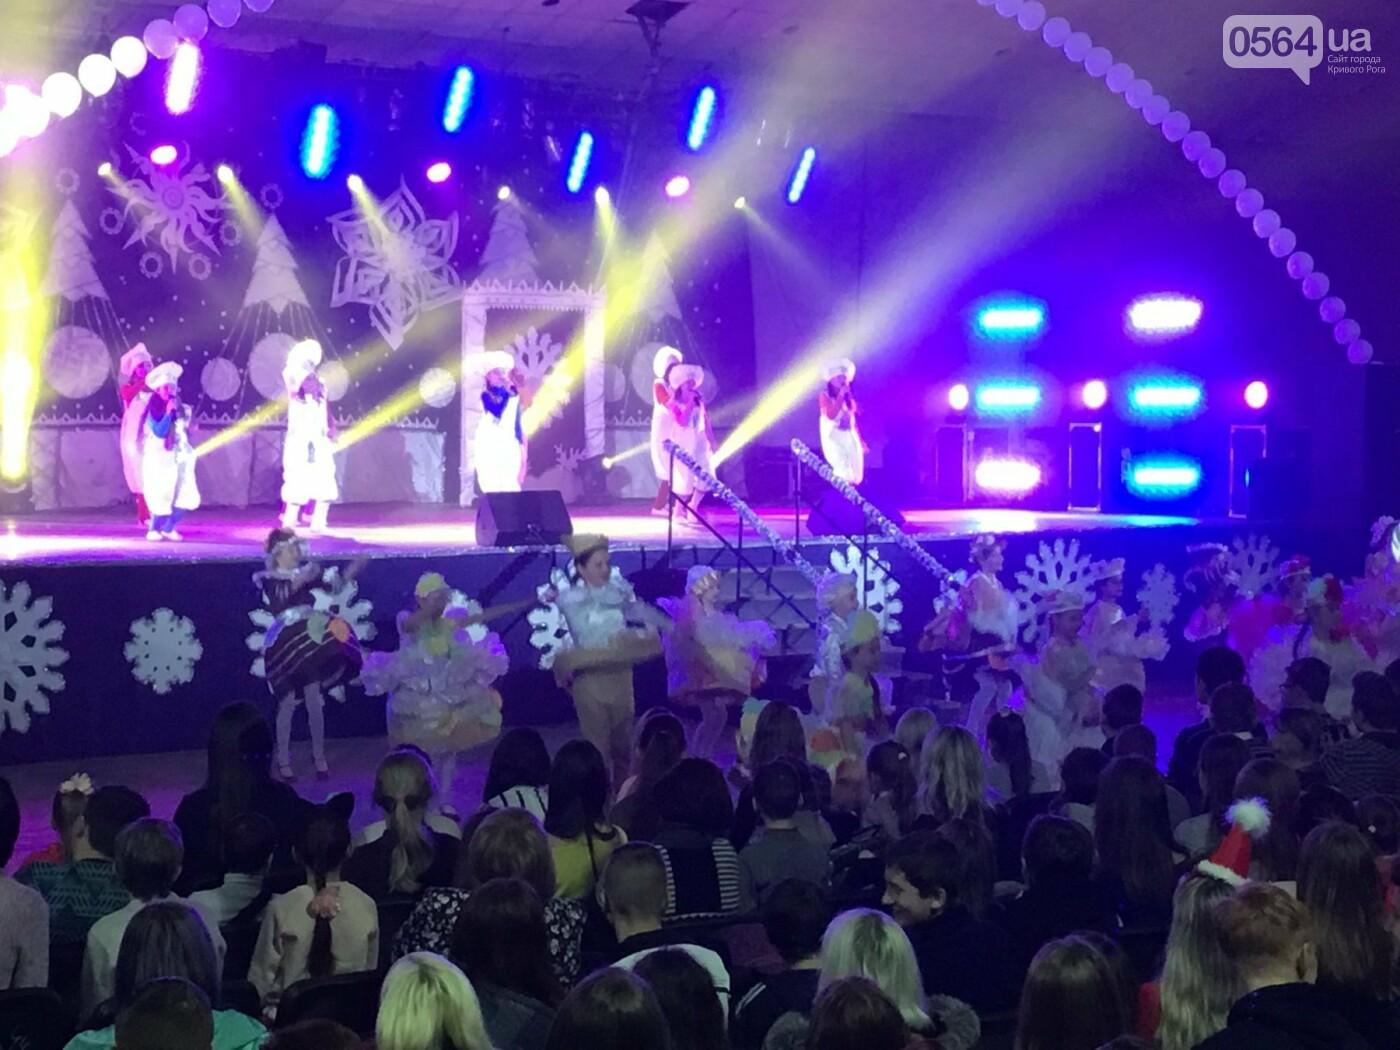 """В Кривом Роге на """"Главной елке"""" поздравили более 1,5 тысячи юных криворожан, - ФОТО, ВИДЕО, фото-13"""